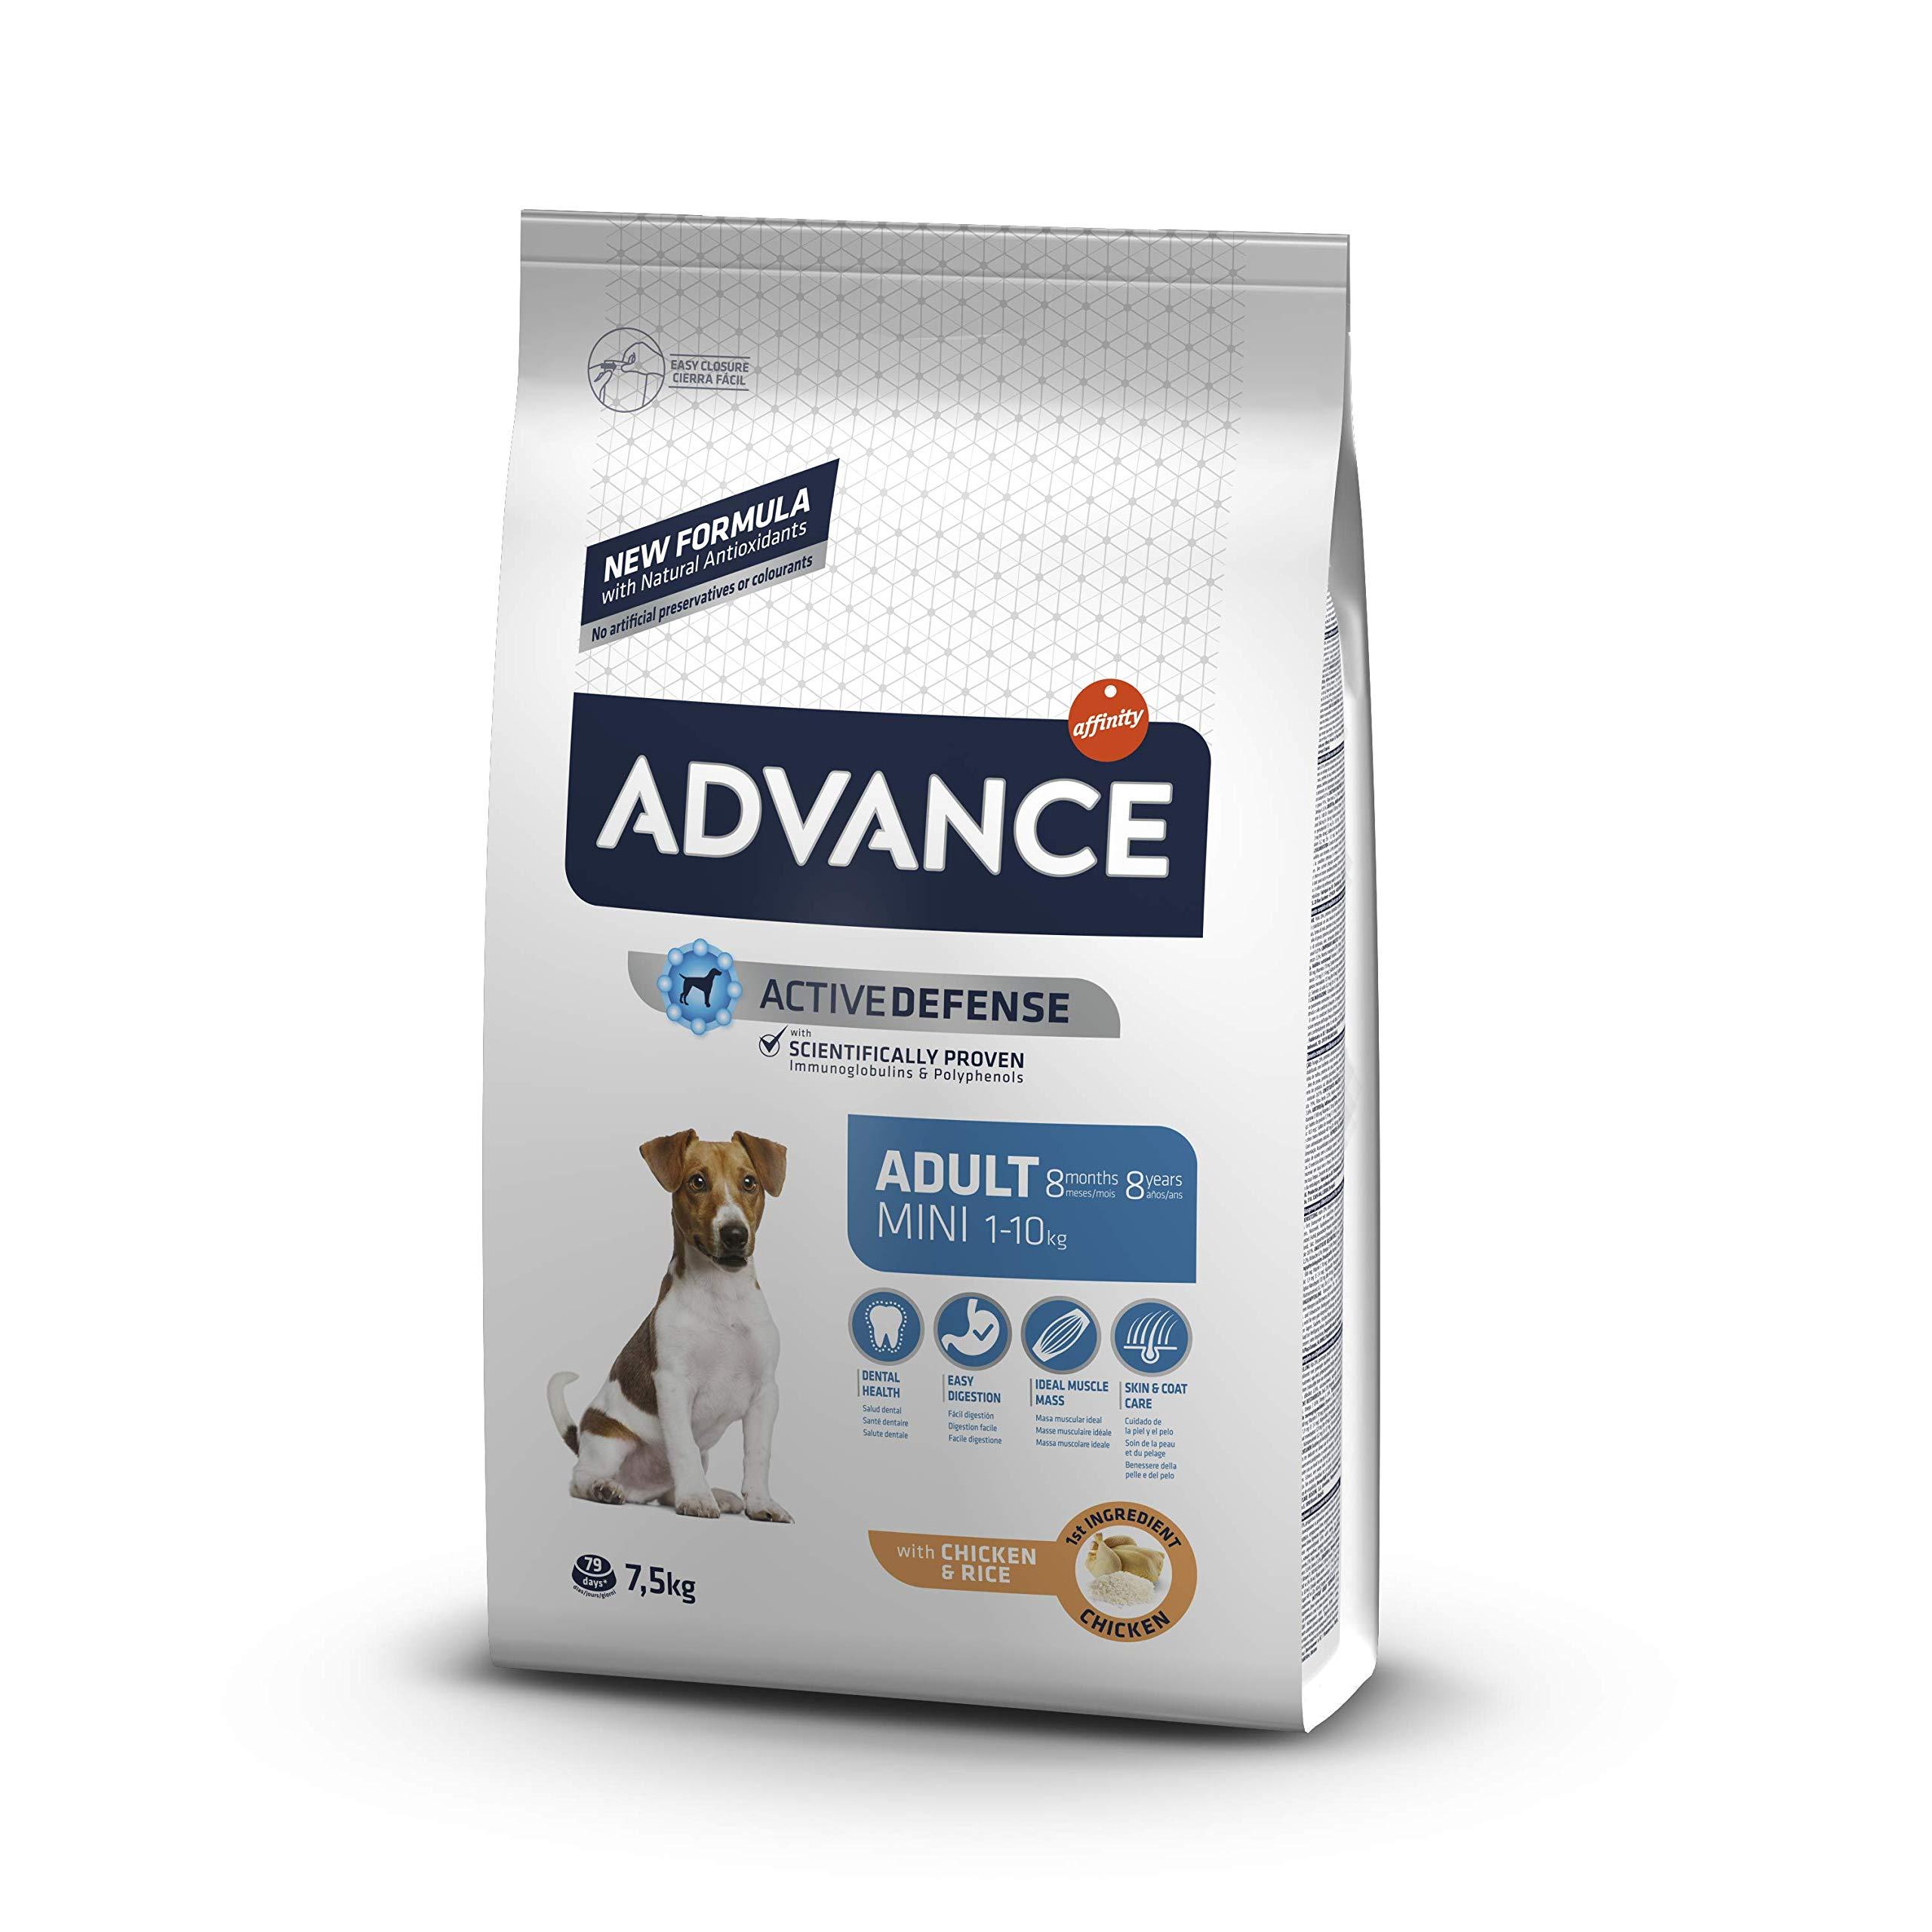 Advance Pienso para Perro Mini Adulto con Pollo - 7500 gr product image